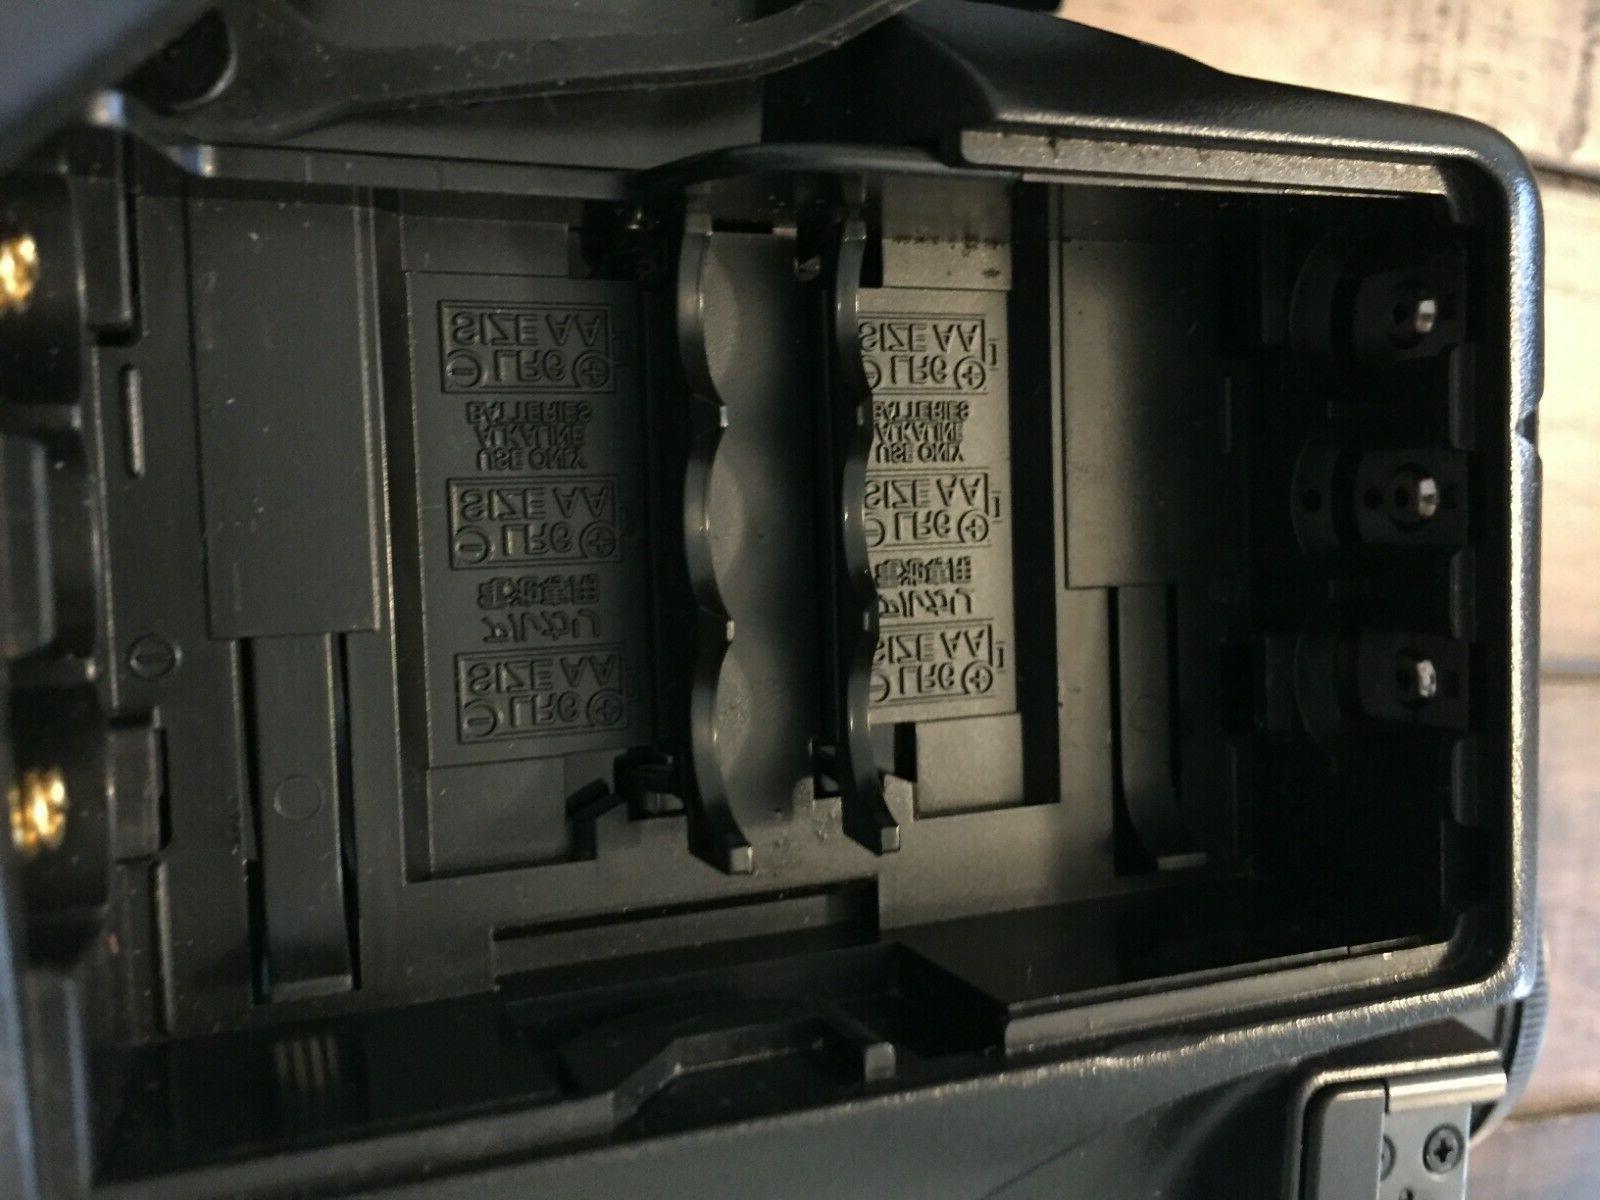 Hitachi VM-E625LA Camcorder with TESTED